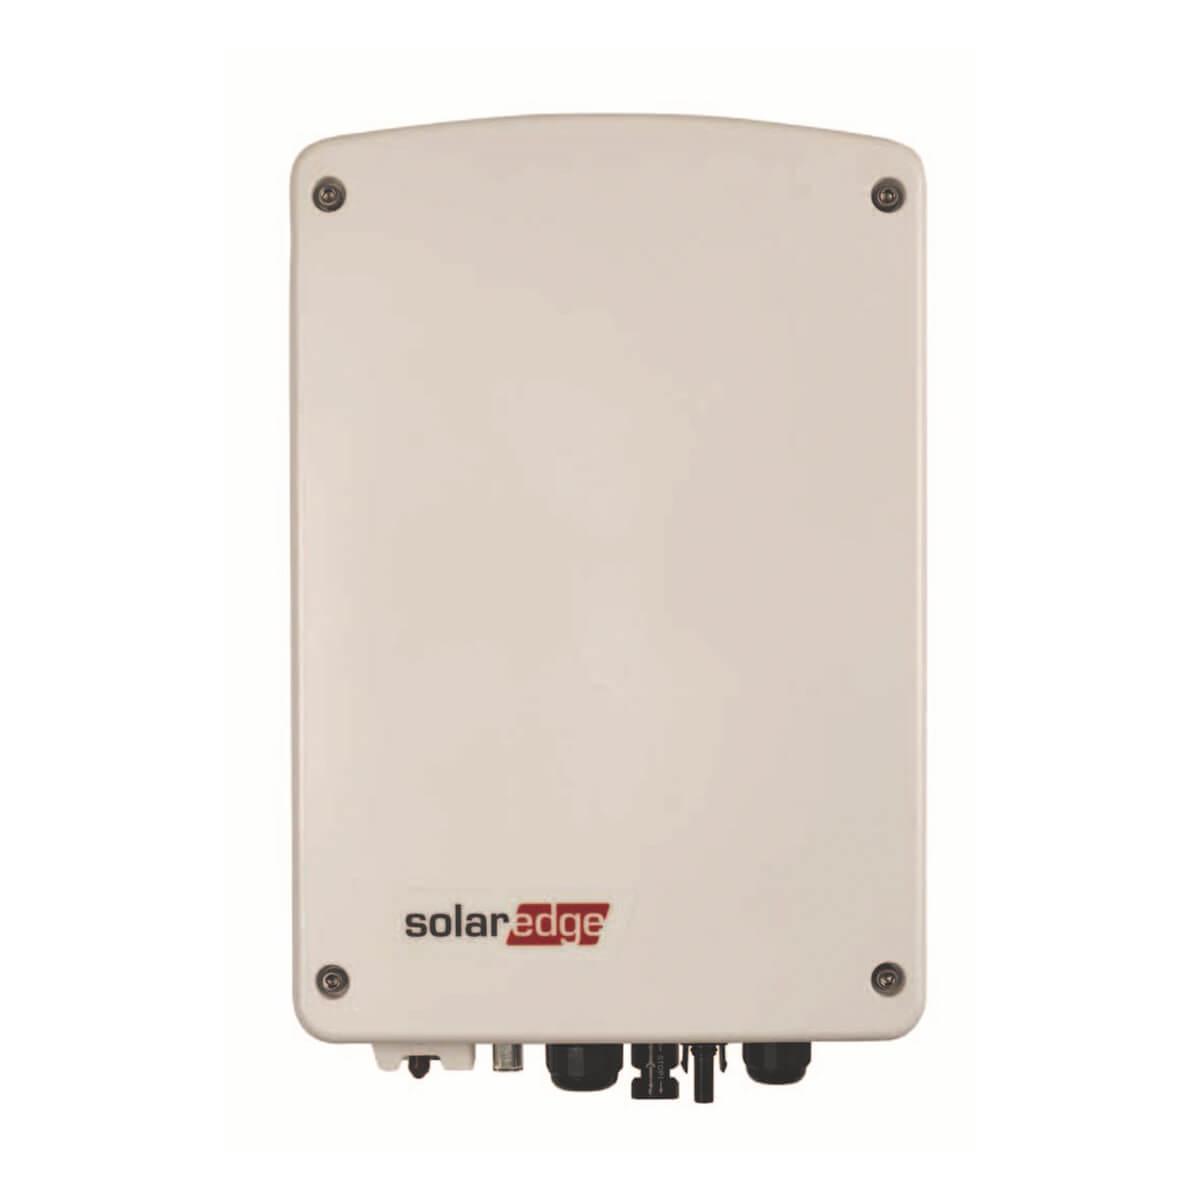 solaredge 1.5kW inverter, solaredge se1500m 1.5kW inverter, solaredge se1500m inverter, solaredge se1500m, solaredge 1.5 kW